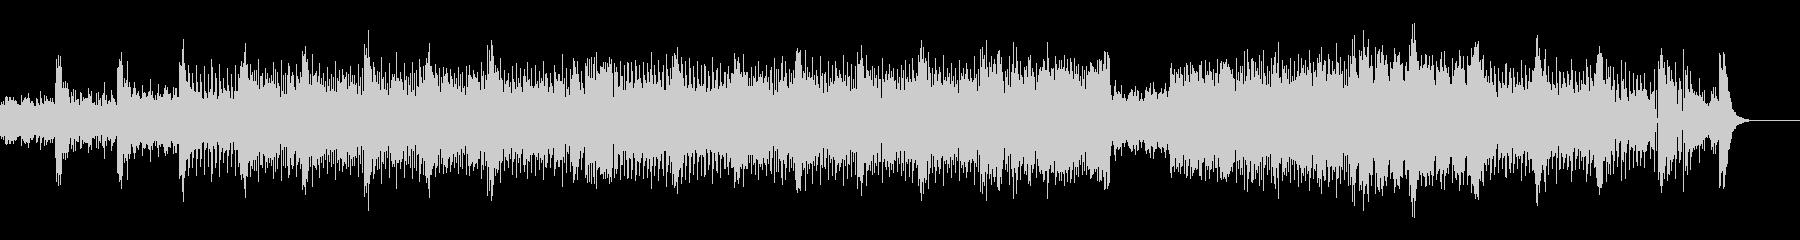 過激な音色構成のテクノ+トランスの未再生の波形